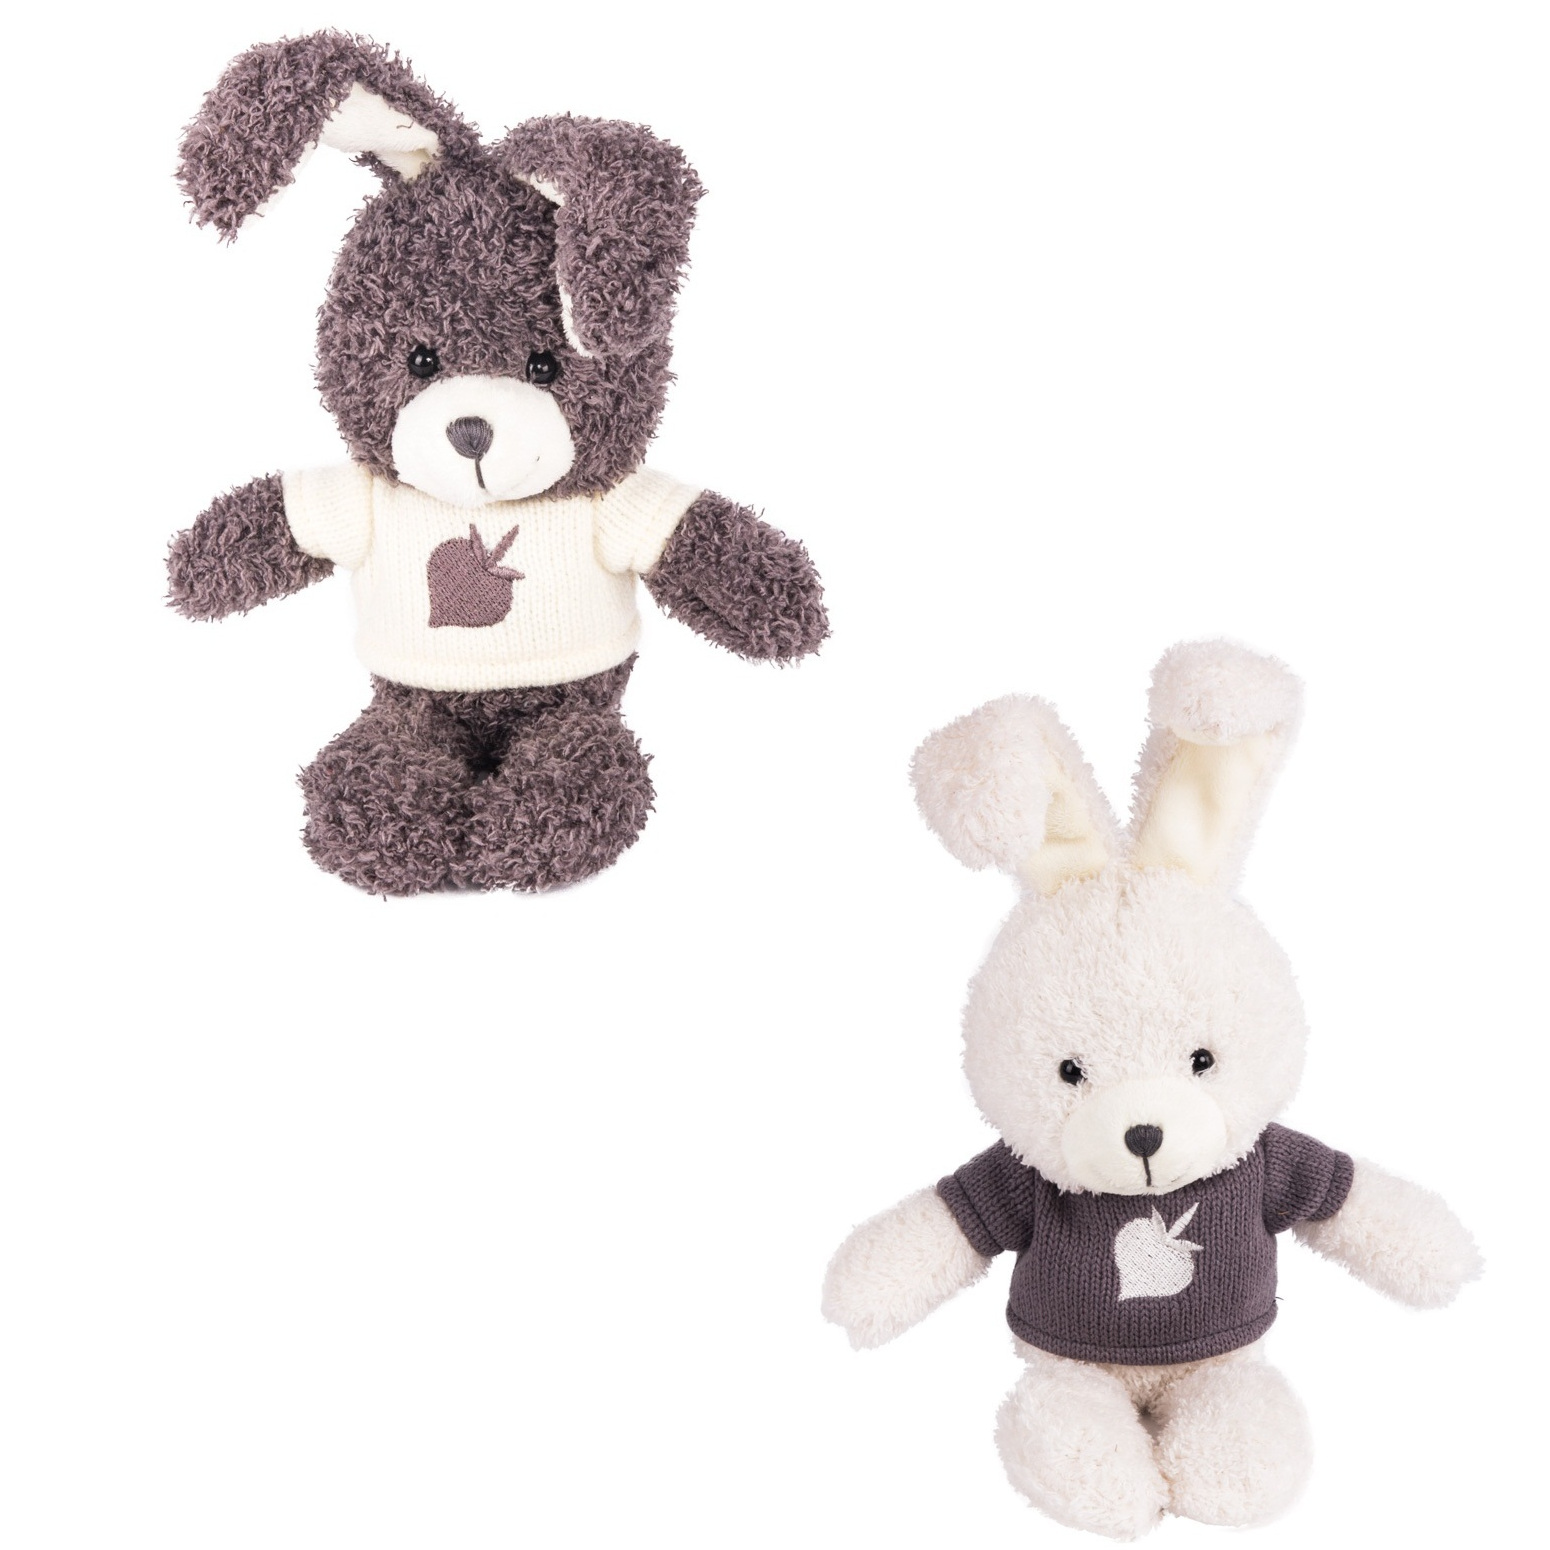 Купить Мягкая игрушка - Зайчик Билли, белый/серый, 25 см, Gulliver